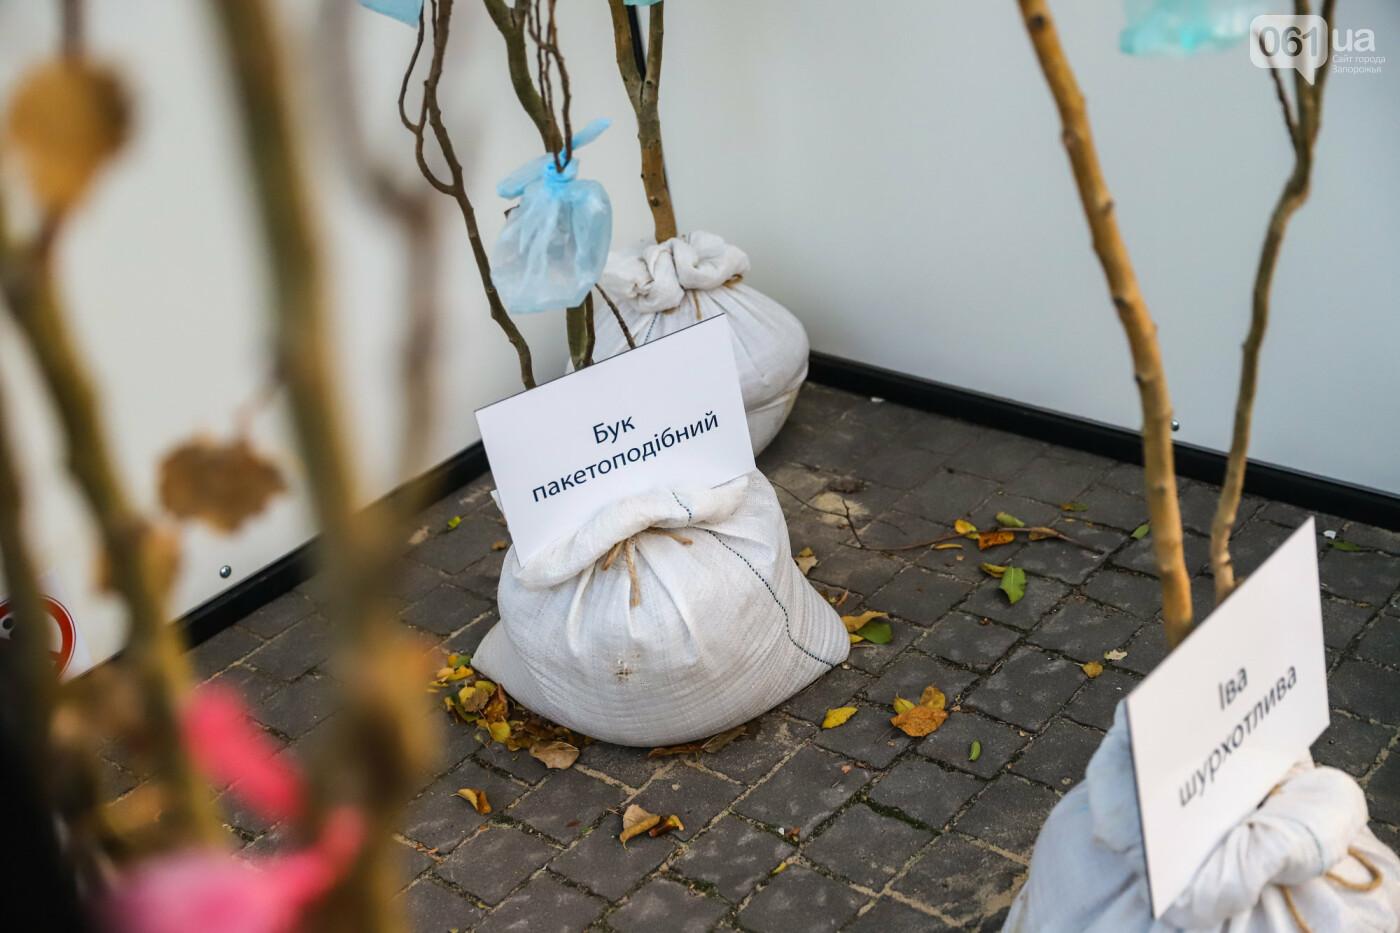 Огромная стиральная машина и комната из фольги: в центре Запорожья открылась эко-выставка, - ФОТОРЕПОРТАЖ , фото-16